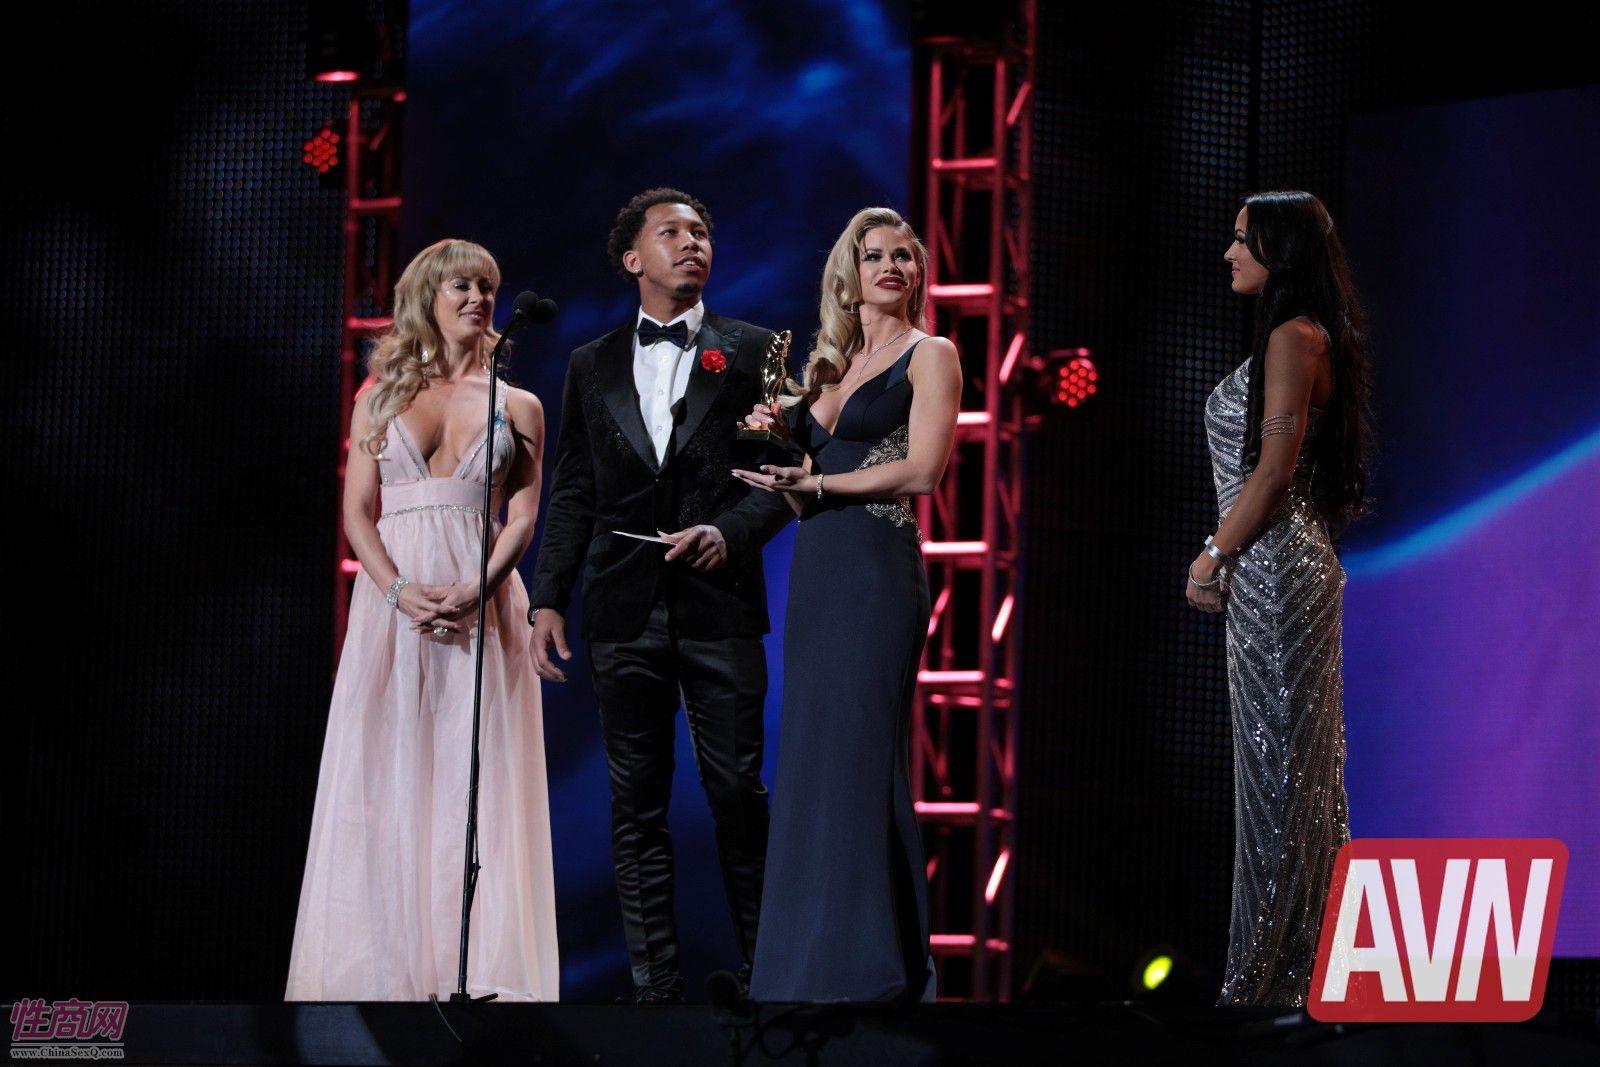 18拉斯维加斯成人展AVN:颁奖典礼 (72)